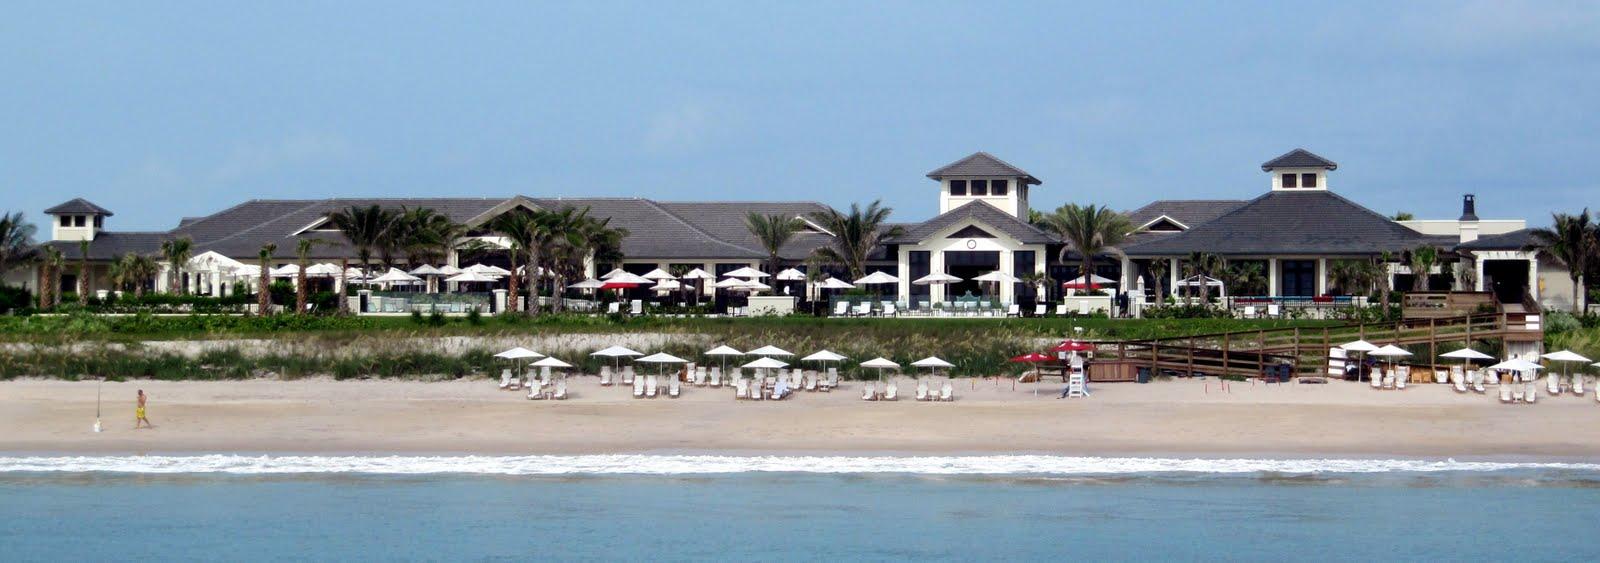 John S Island Beach Club